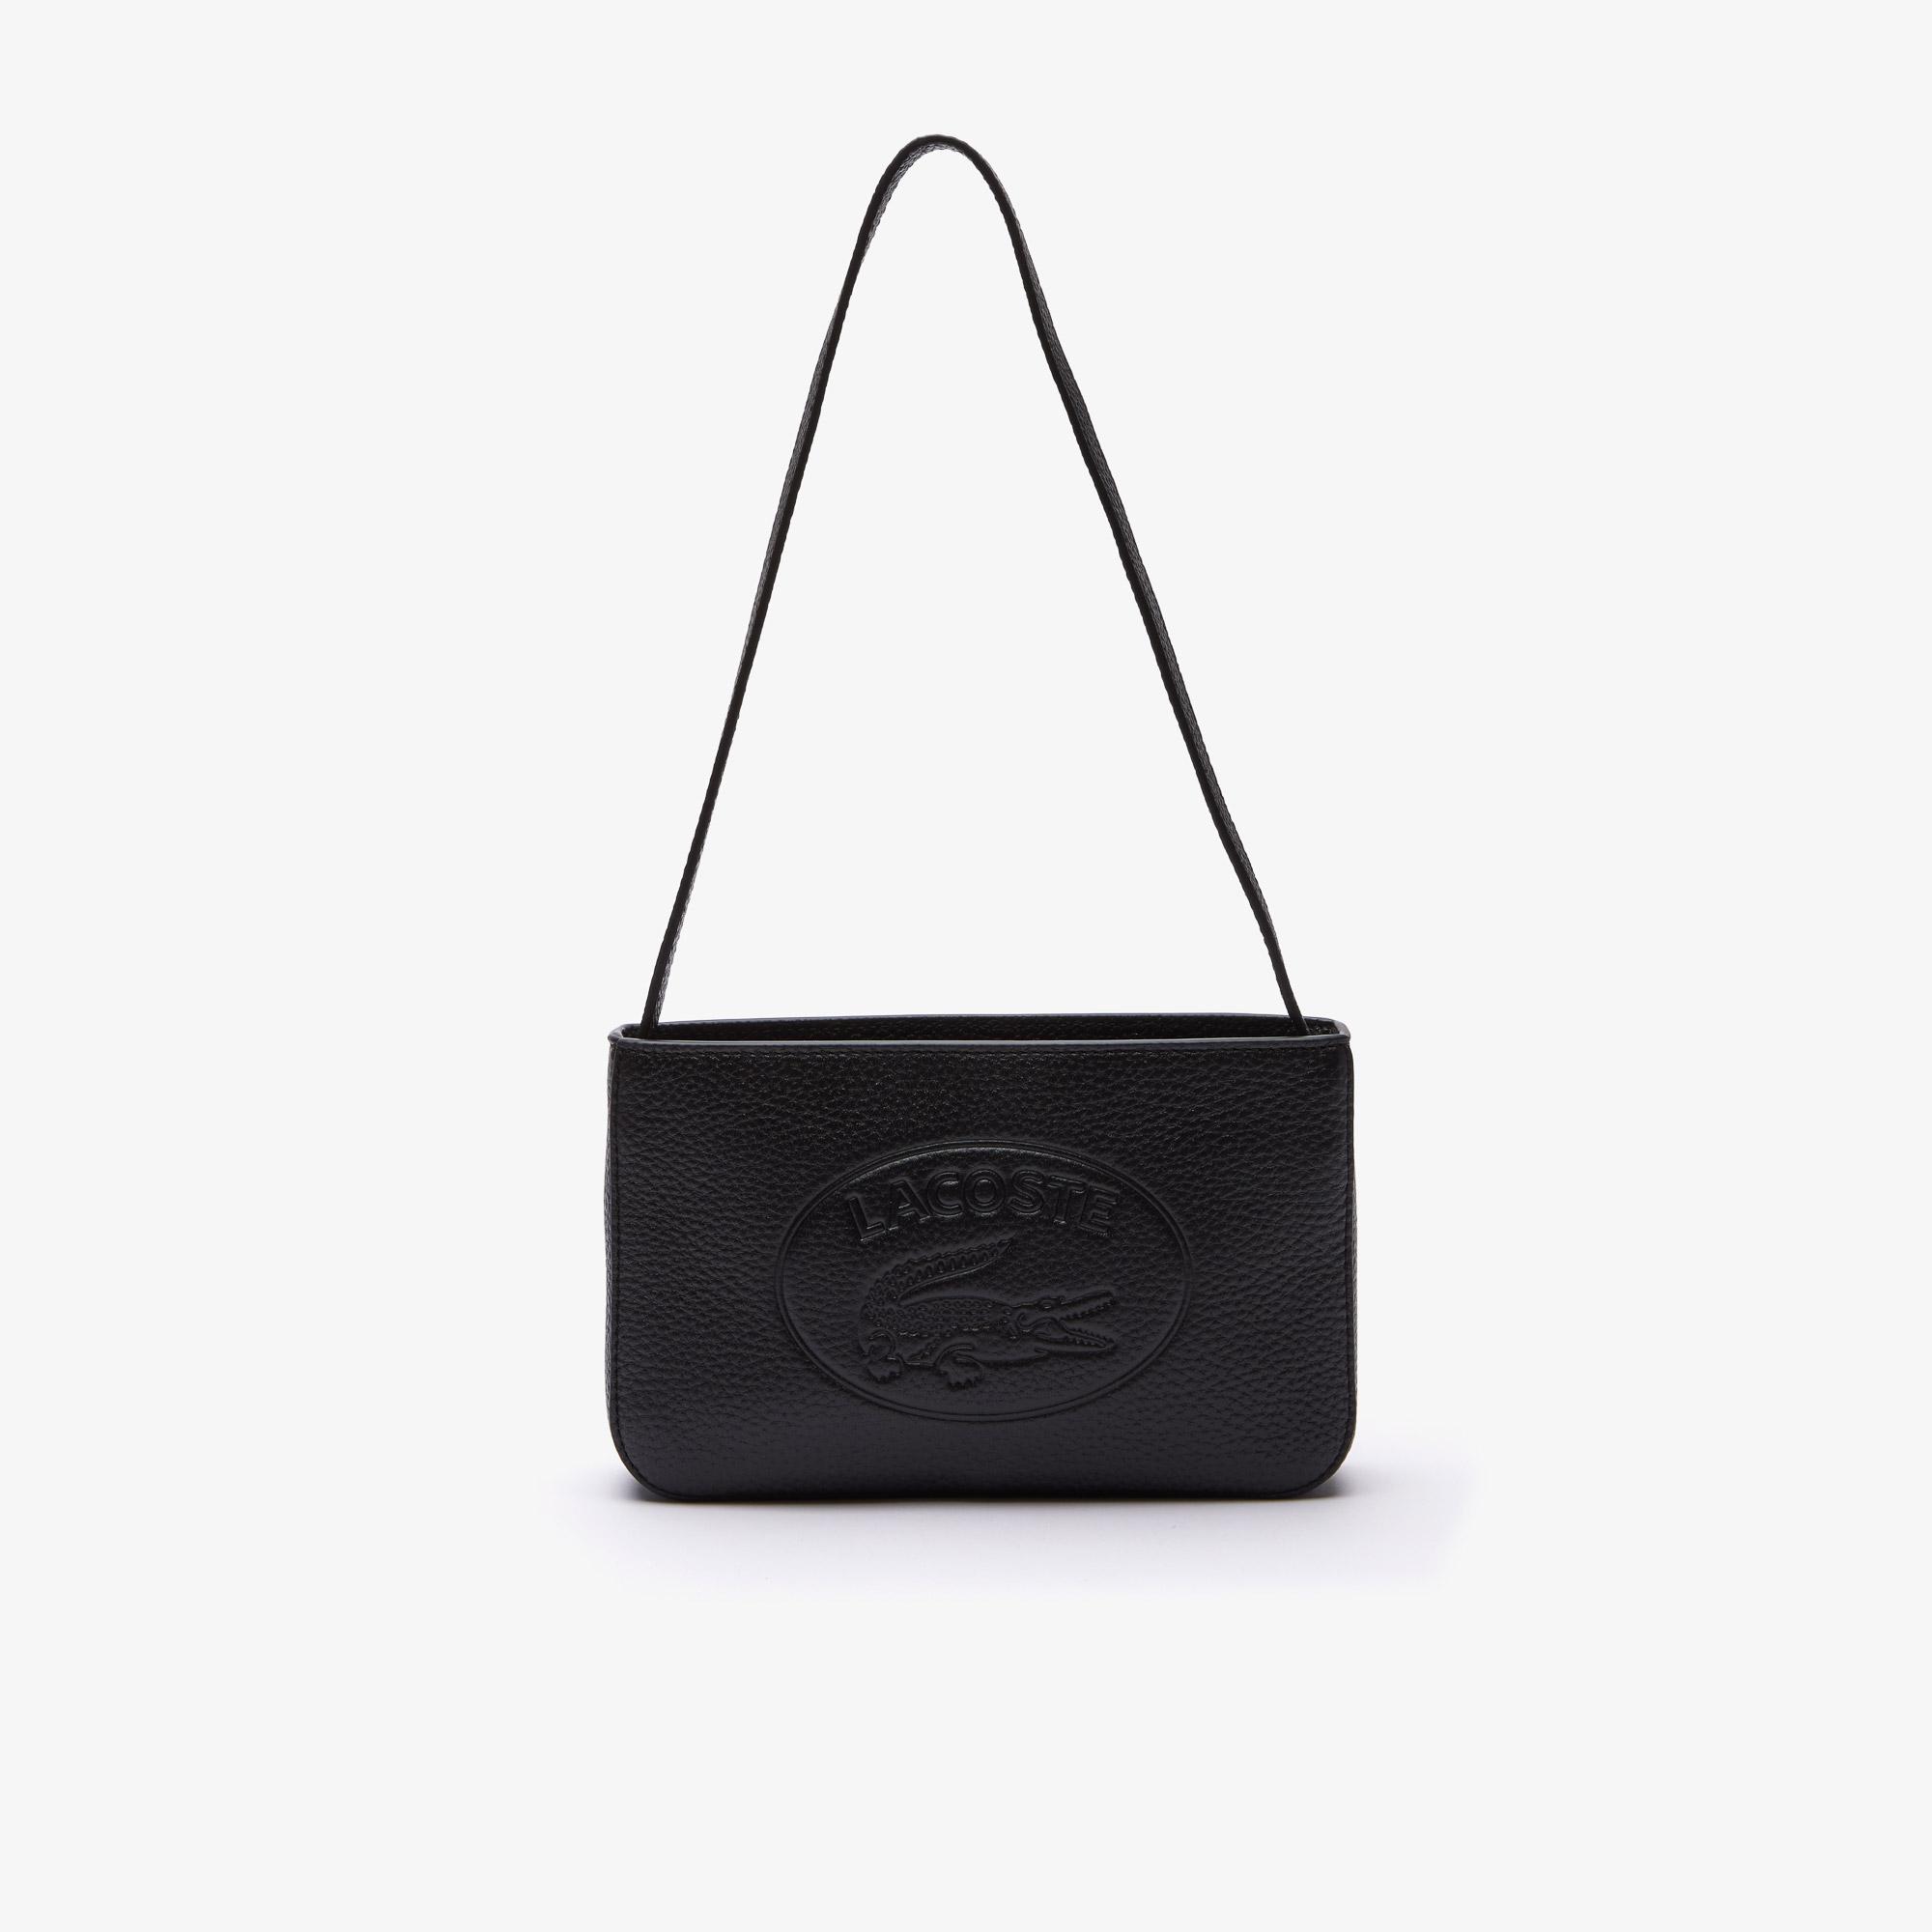 Lacoste Damska torebka baguette bag ze skóry ziarnistej z logo krokodyla